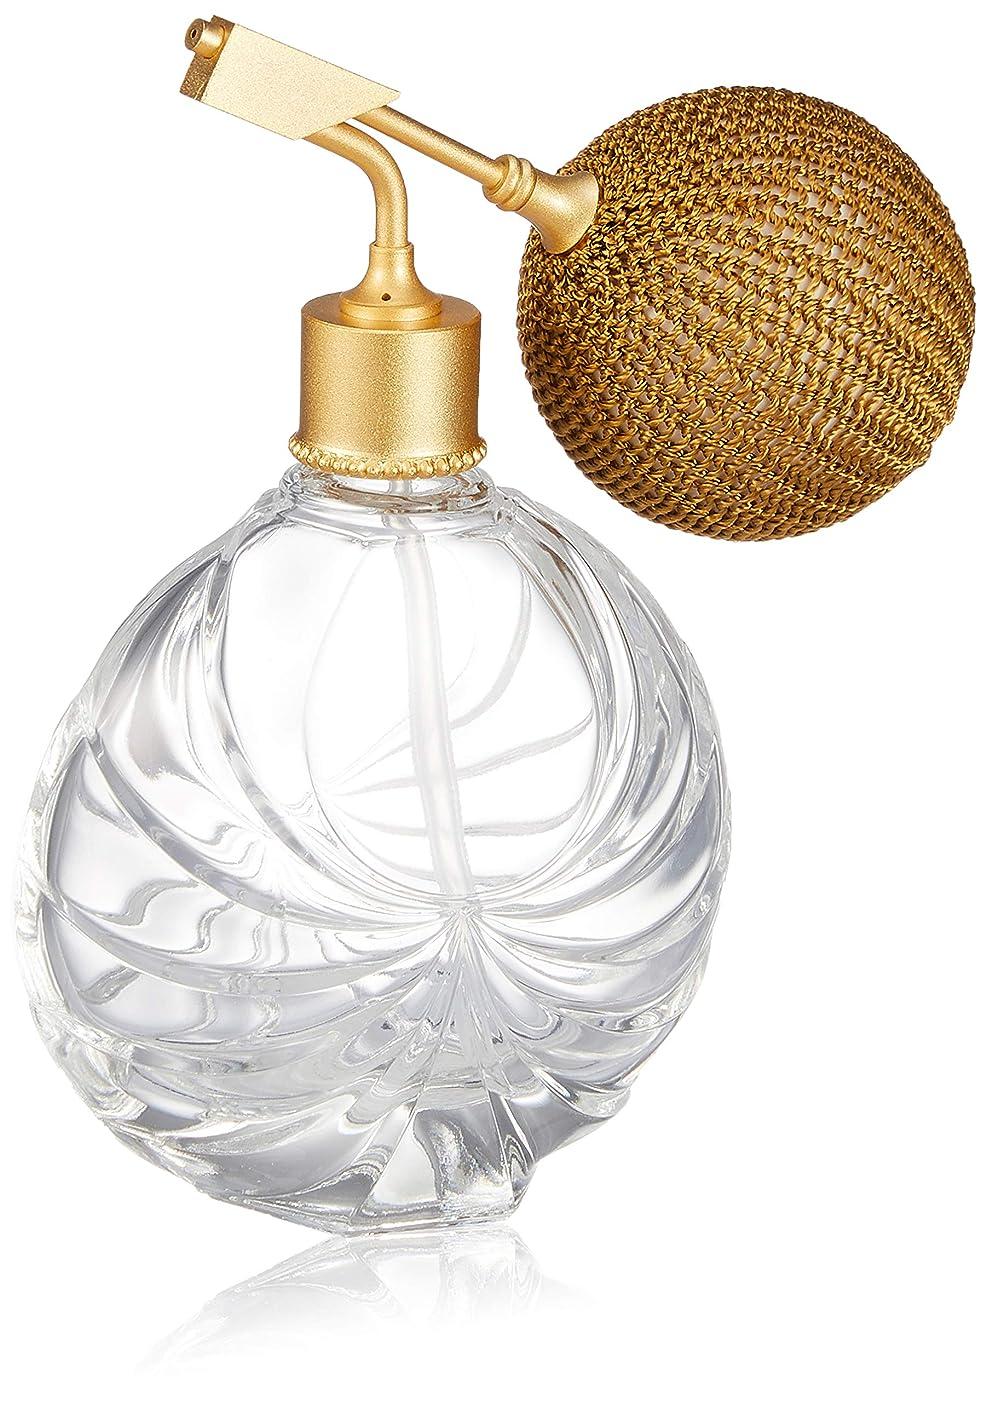 ストライドよろしく慎重ヒロセアトマイザー フランス製香水瓶50ML Upper East Side 369872 (50MLタクジョウ) CLAG